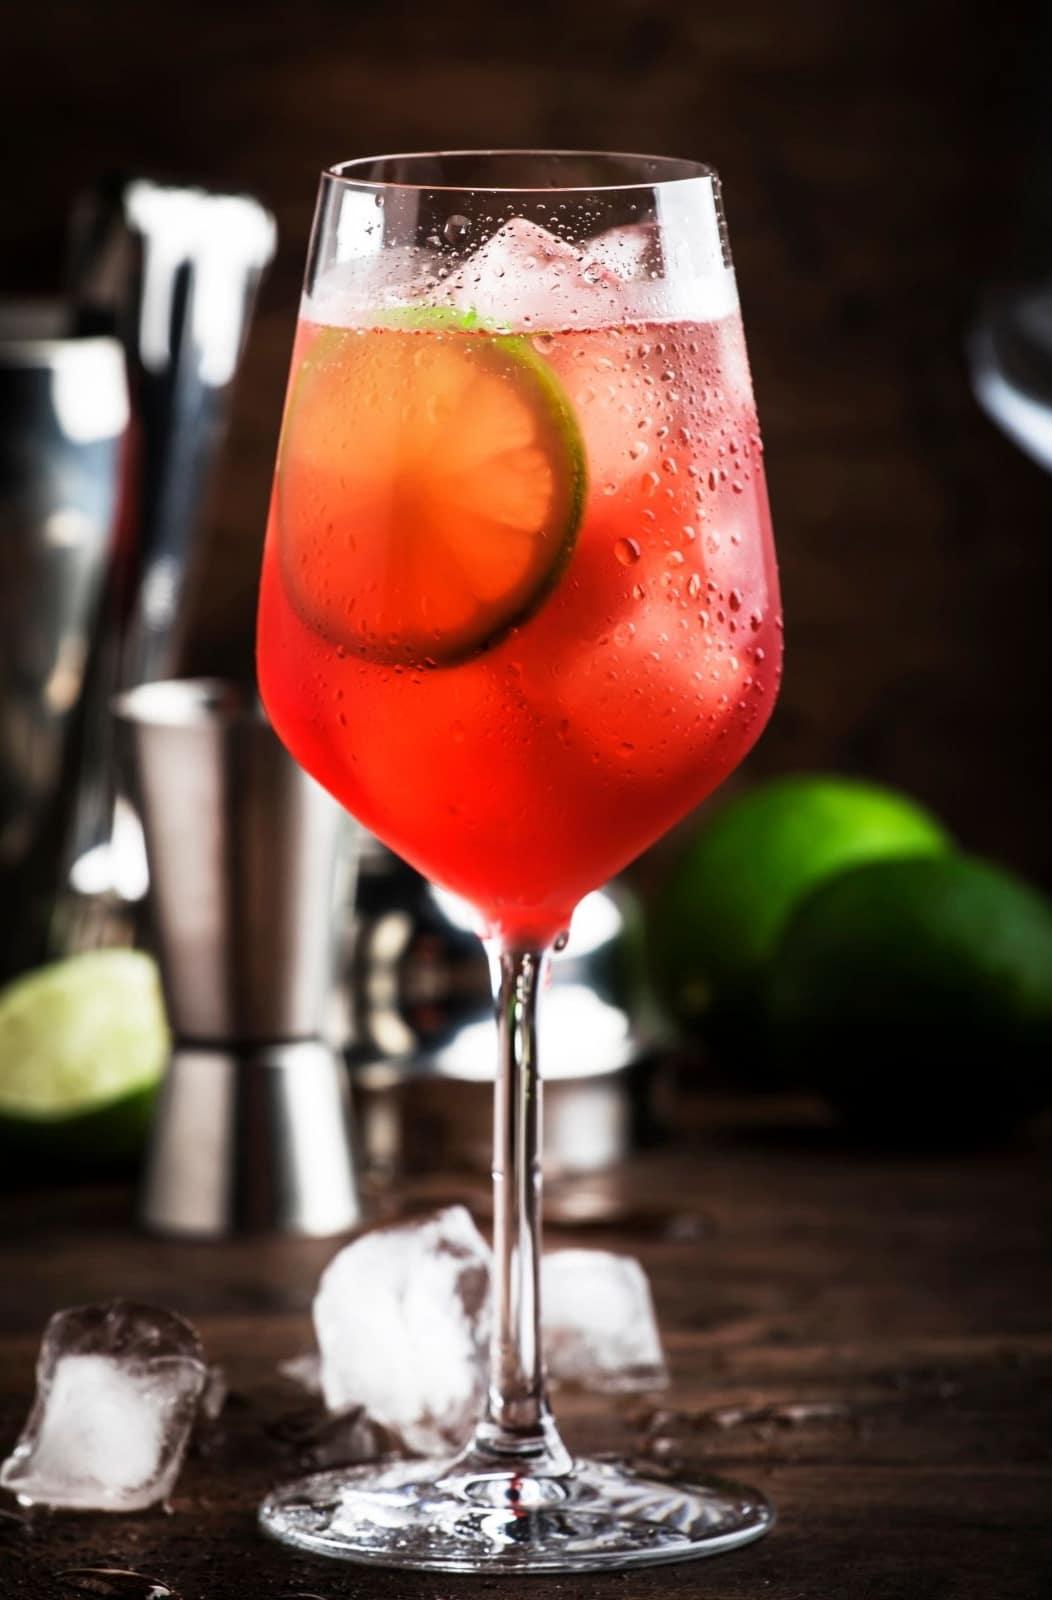 Campari tonic in a wine glass with stem